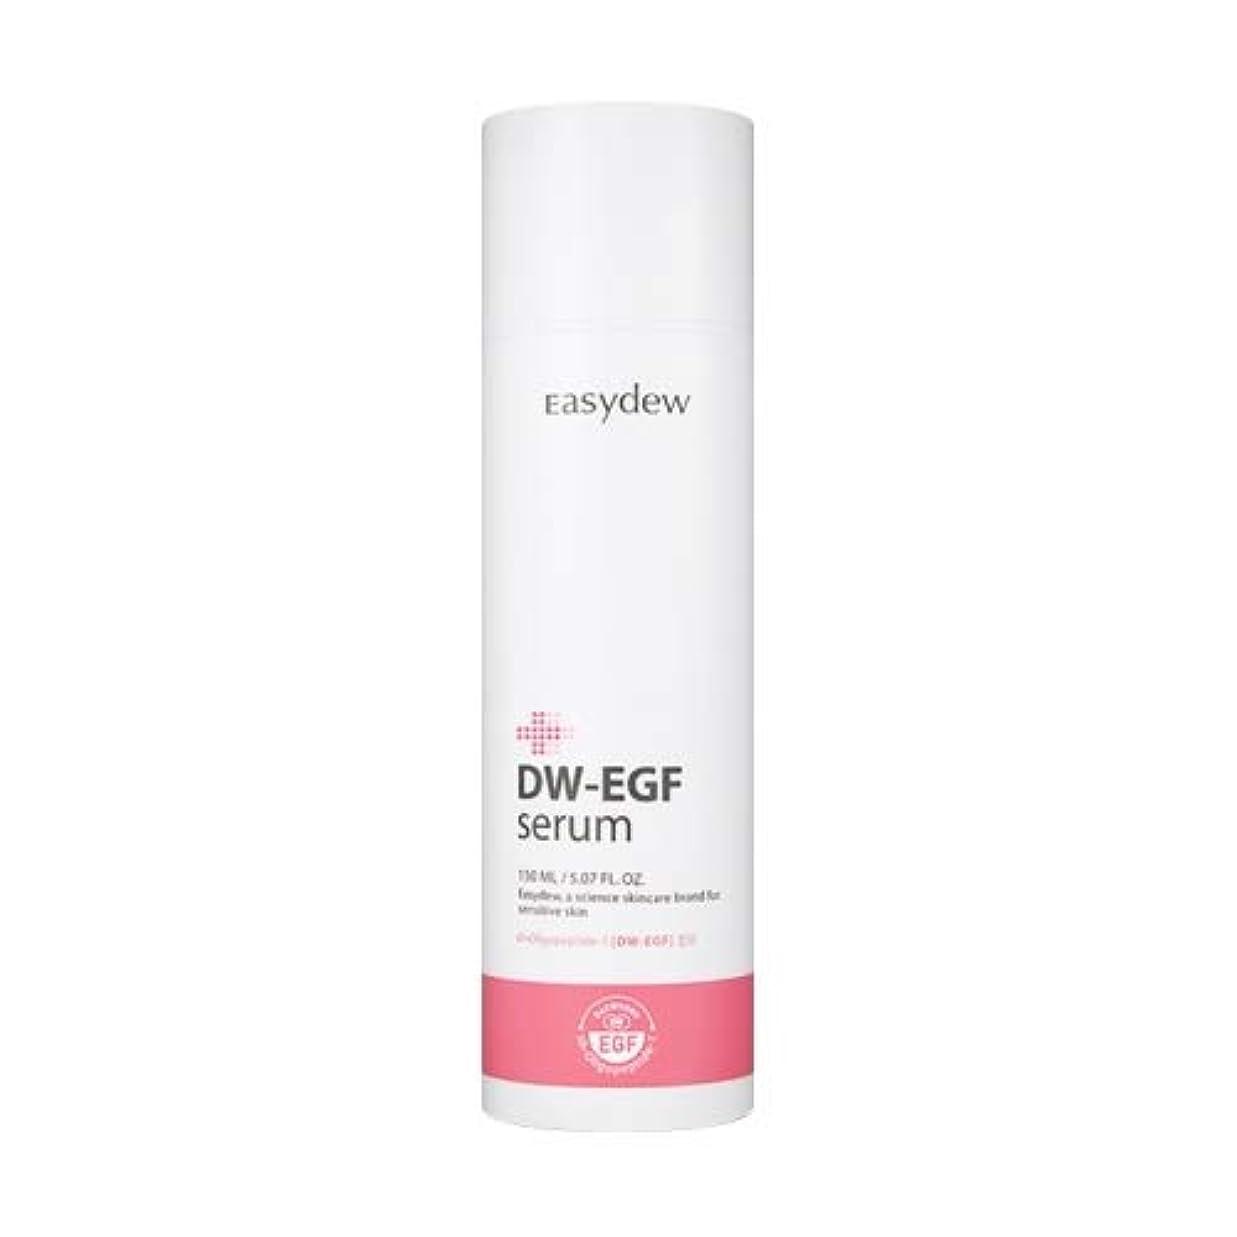 耐えられない宅配便分注するEasydew DW-EGF セラム 美容液 150ml Easydew DW-EGF Serum 人気 スキンケア